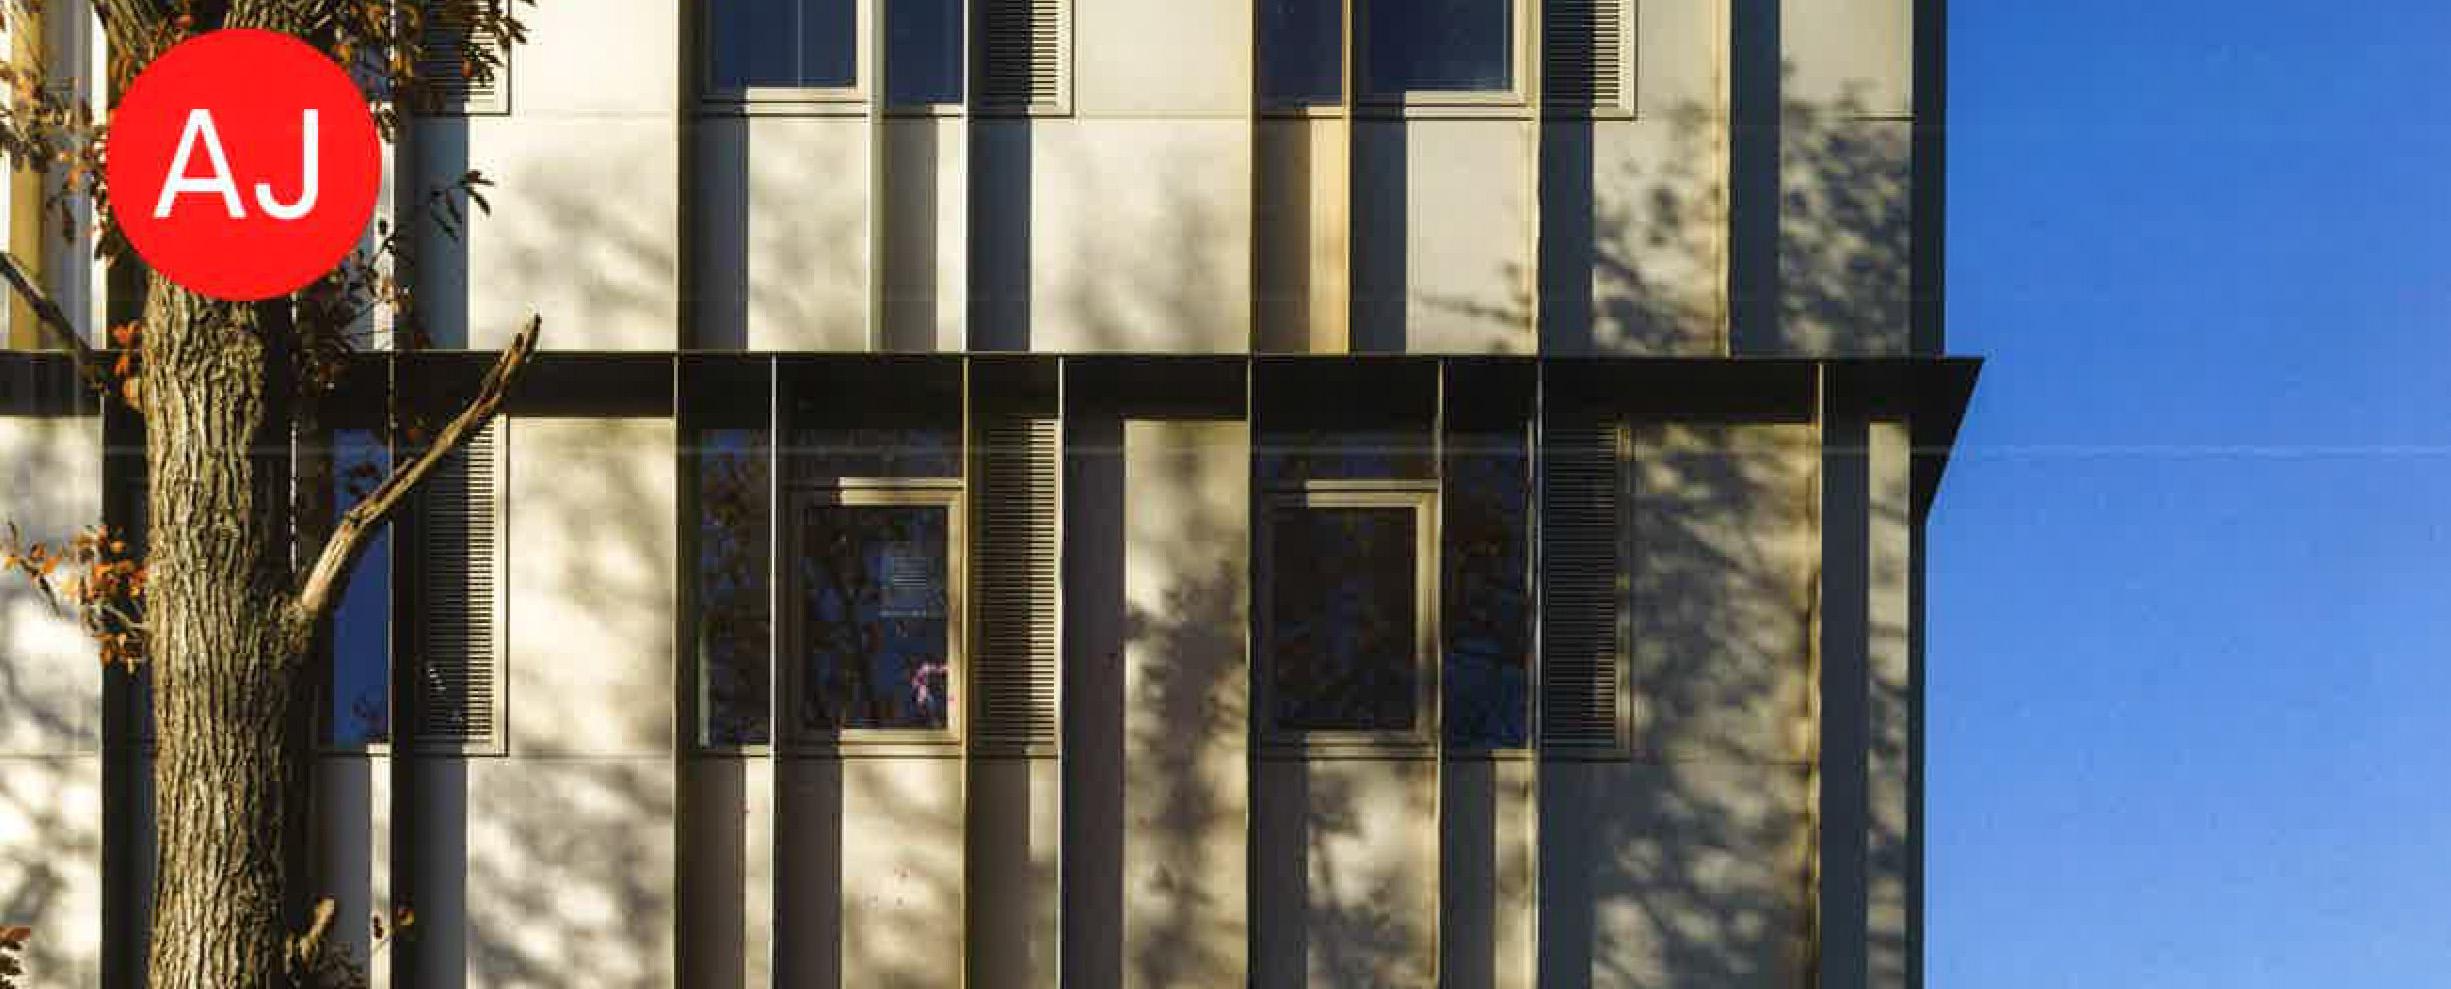 180124_ArchitectsJournal_LGBT_John Ashton-1_SMALL.jpg